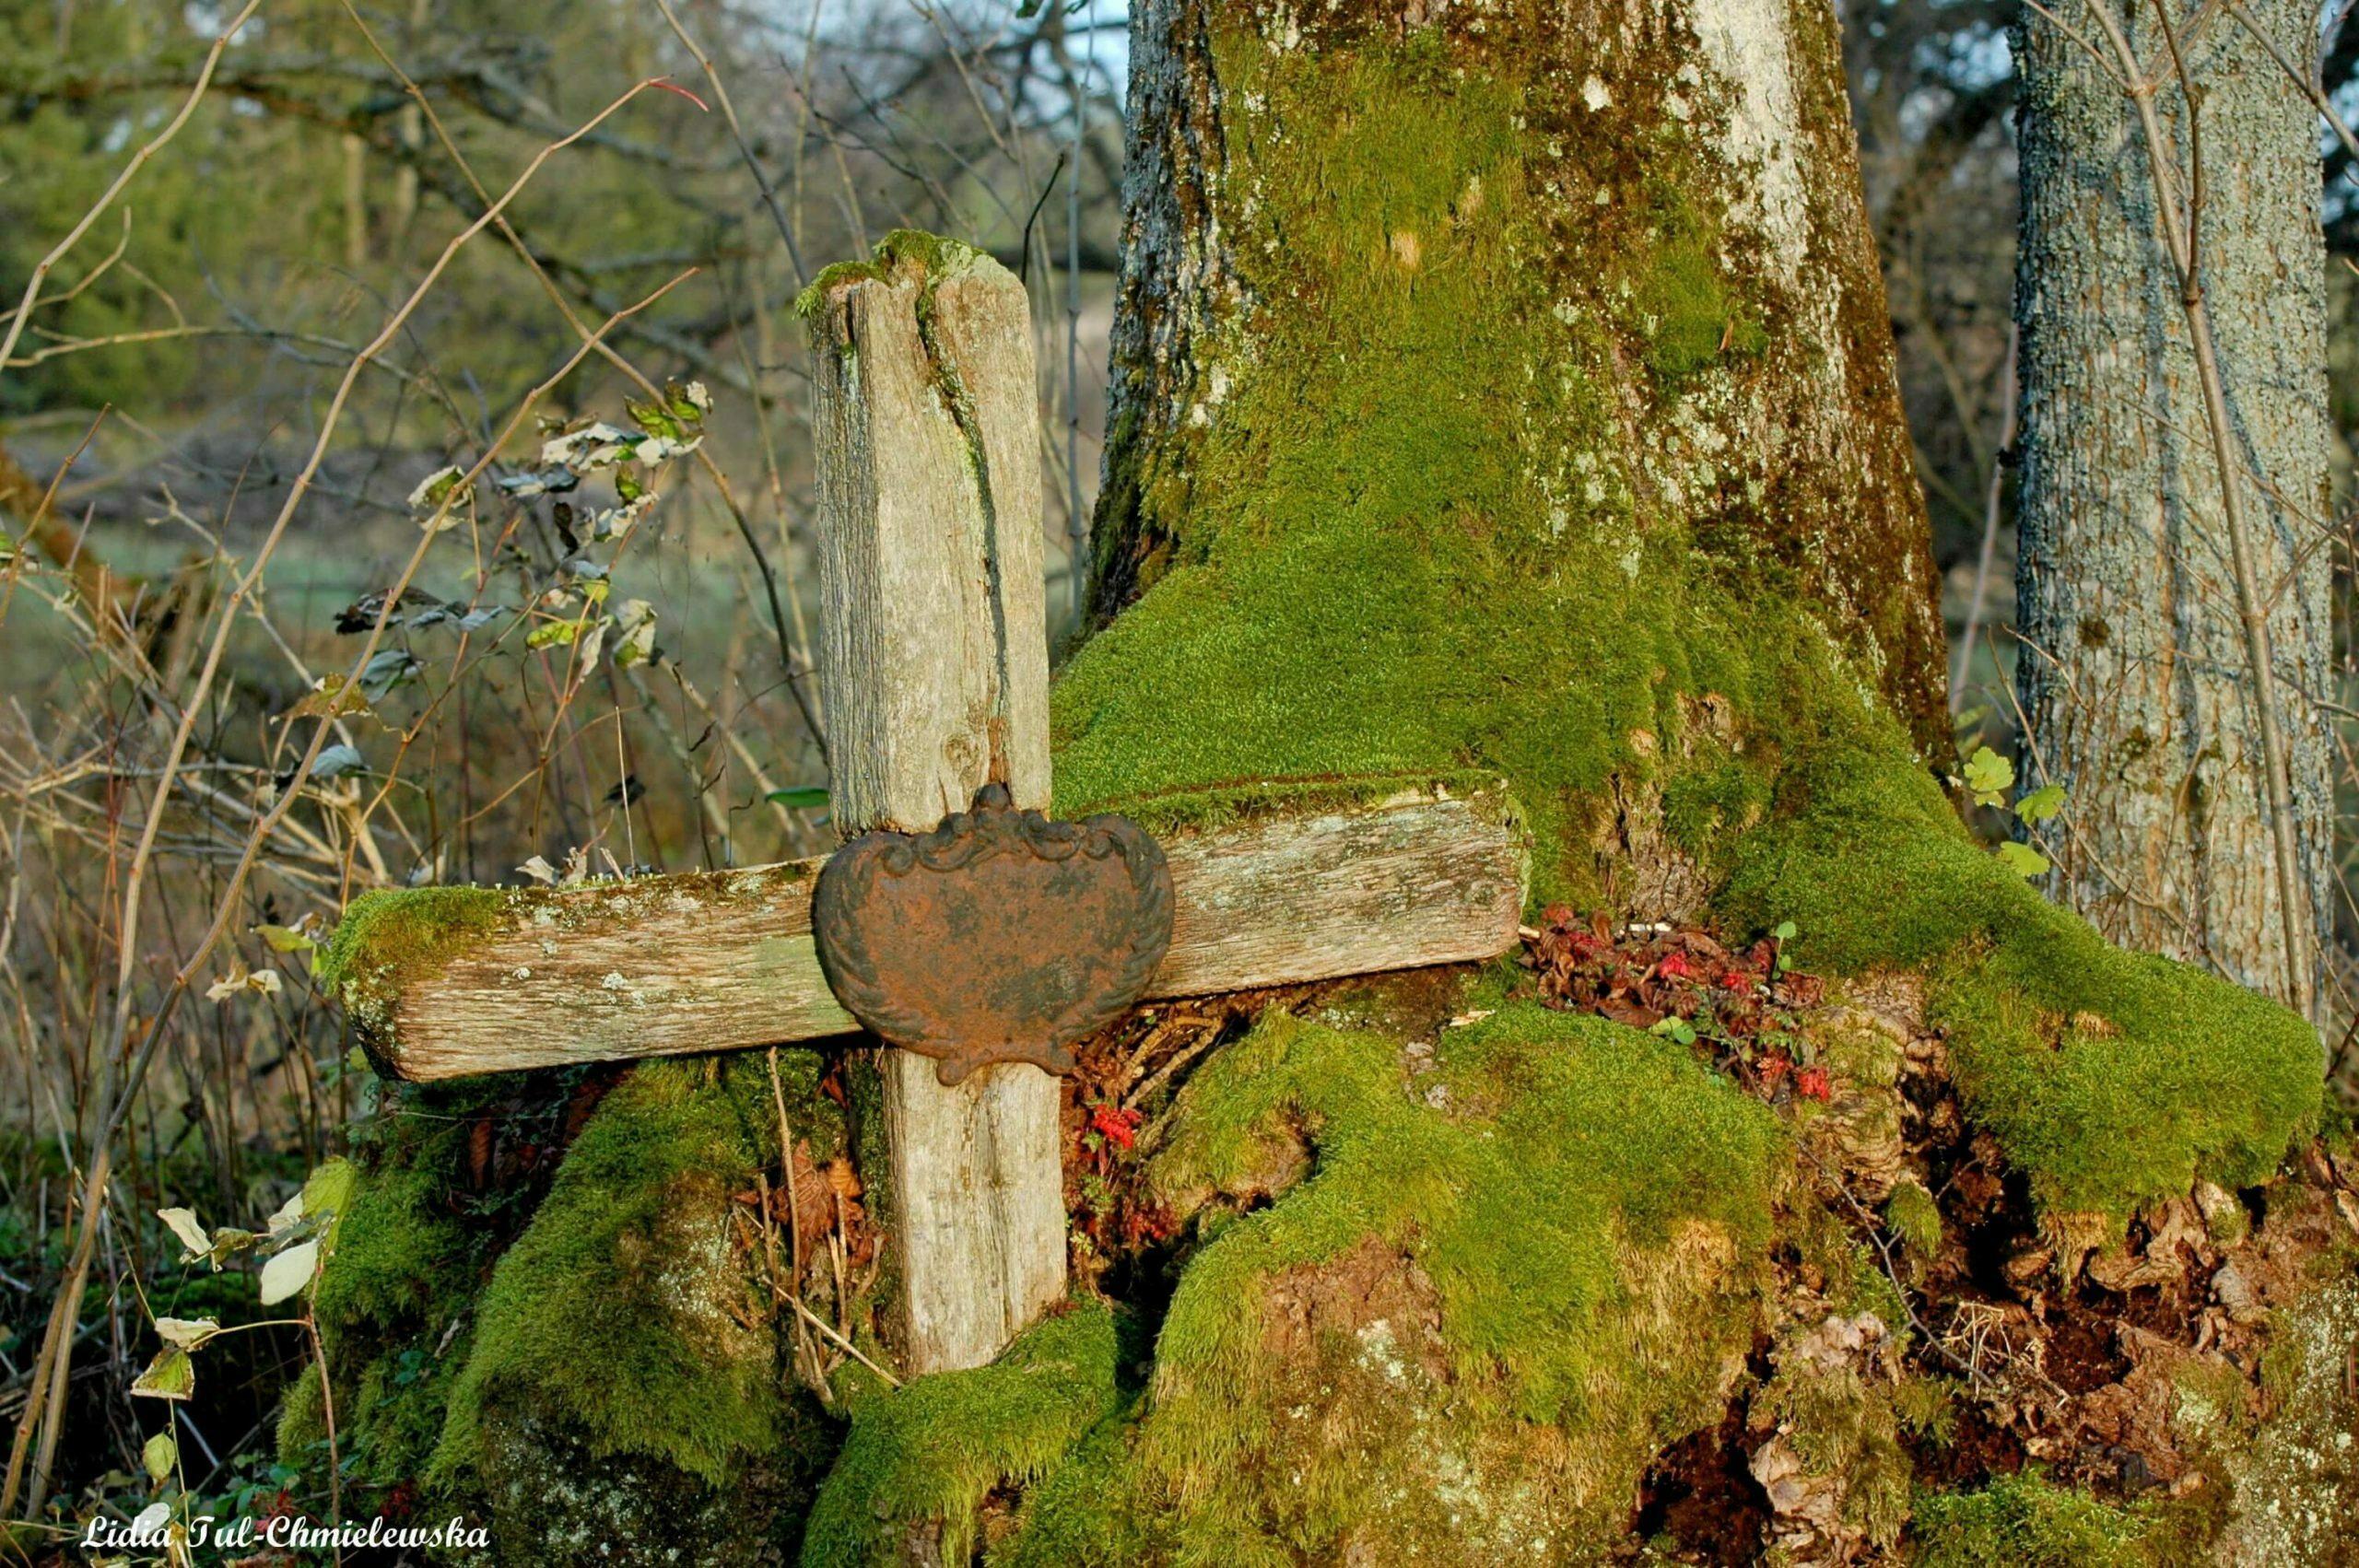 Stary cmentarz w Łupkowie / fot. Lidia Tul-Chmielewska